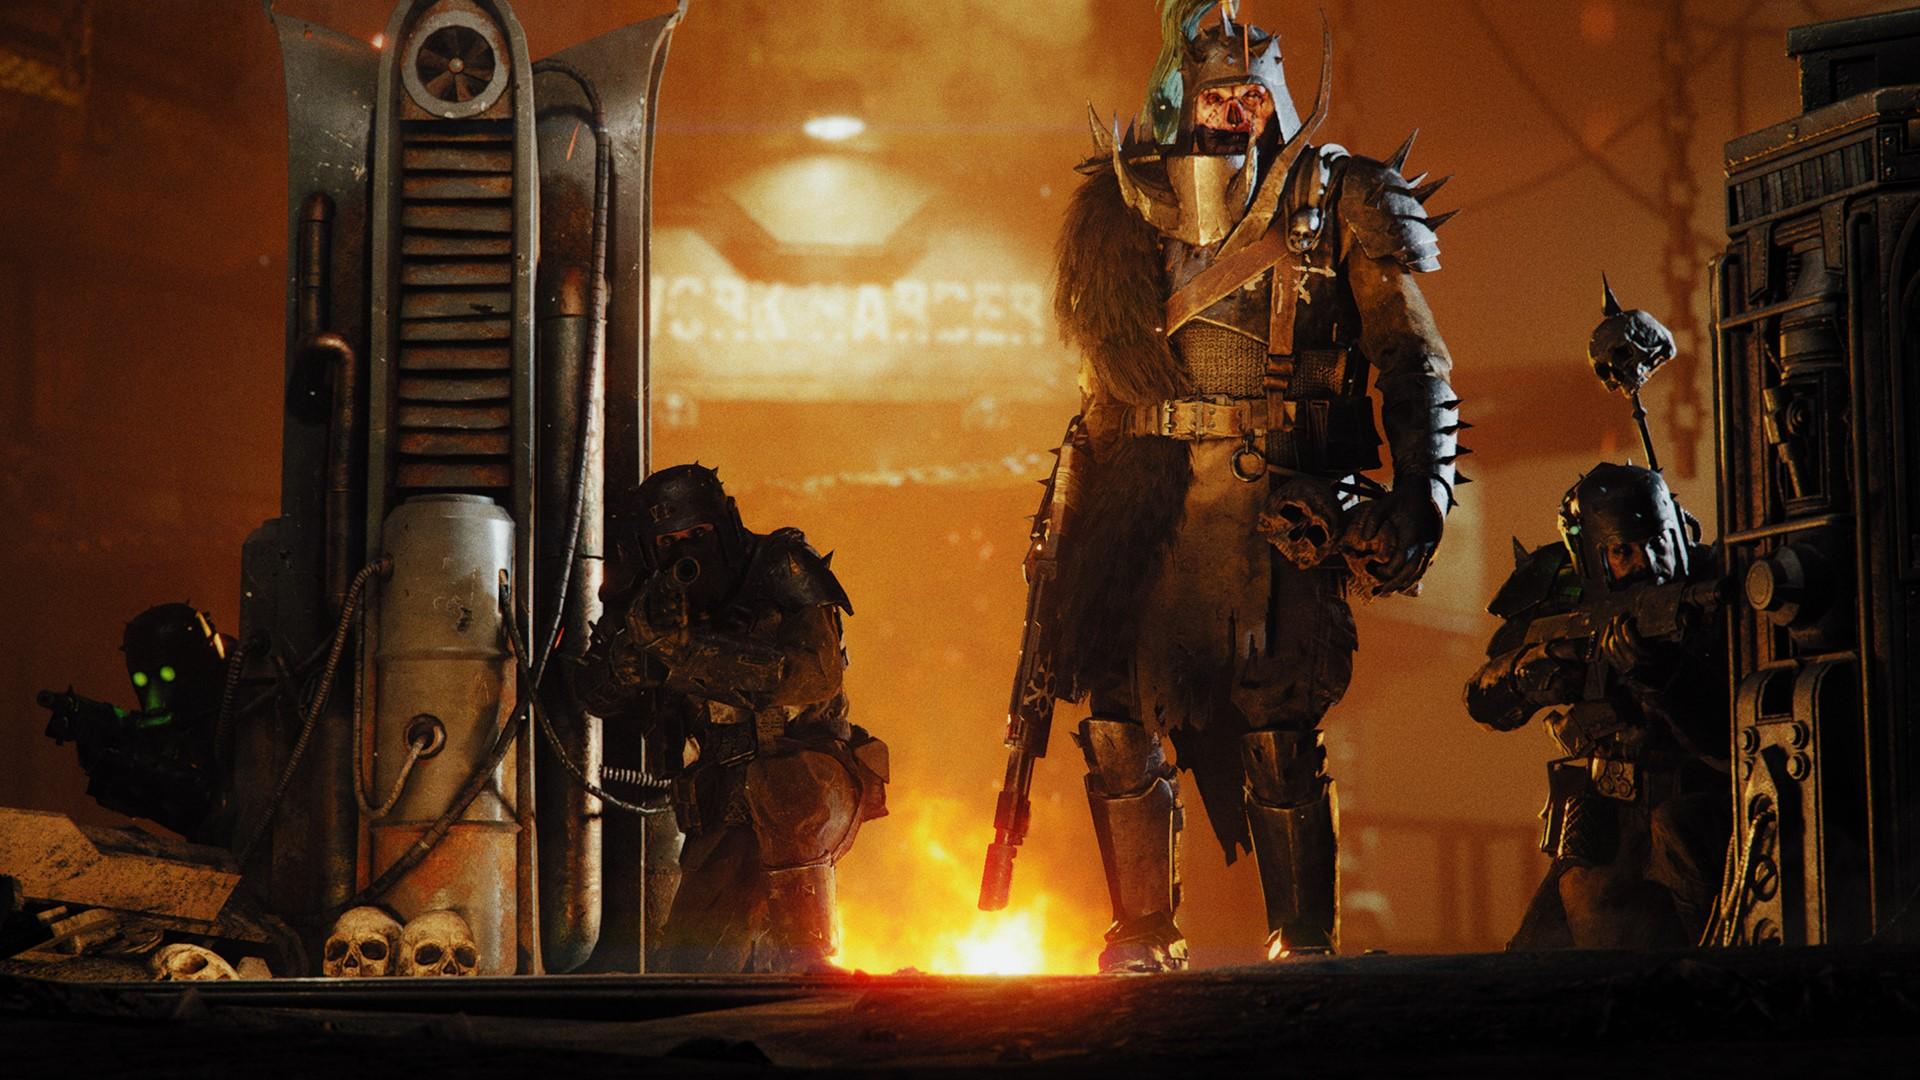 Warhammer 40k: Darktide finds humor in human beings, horror